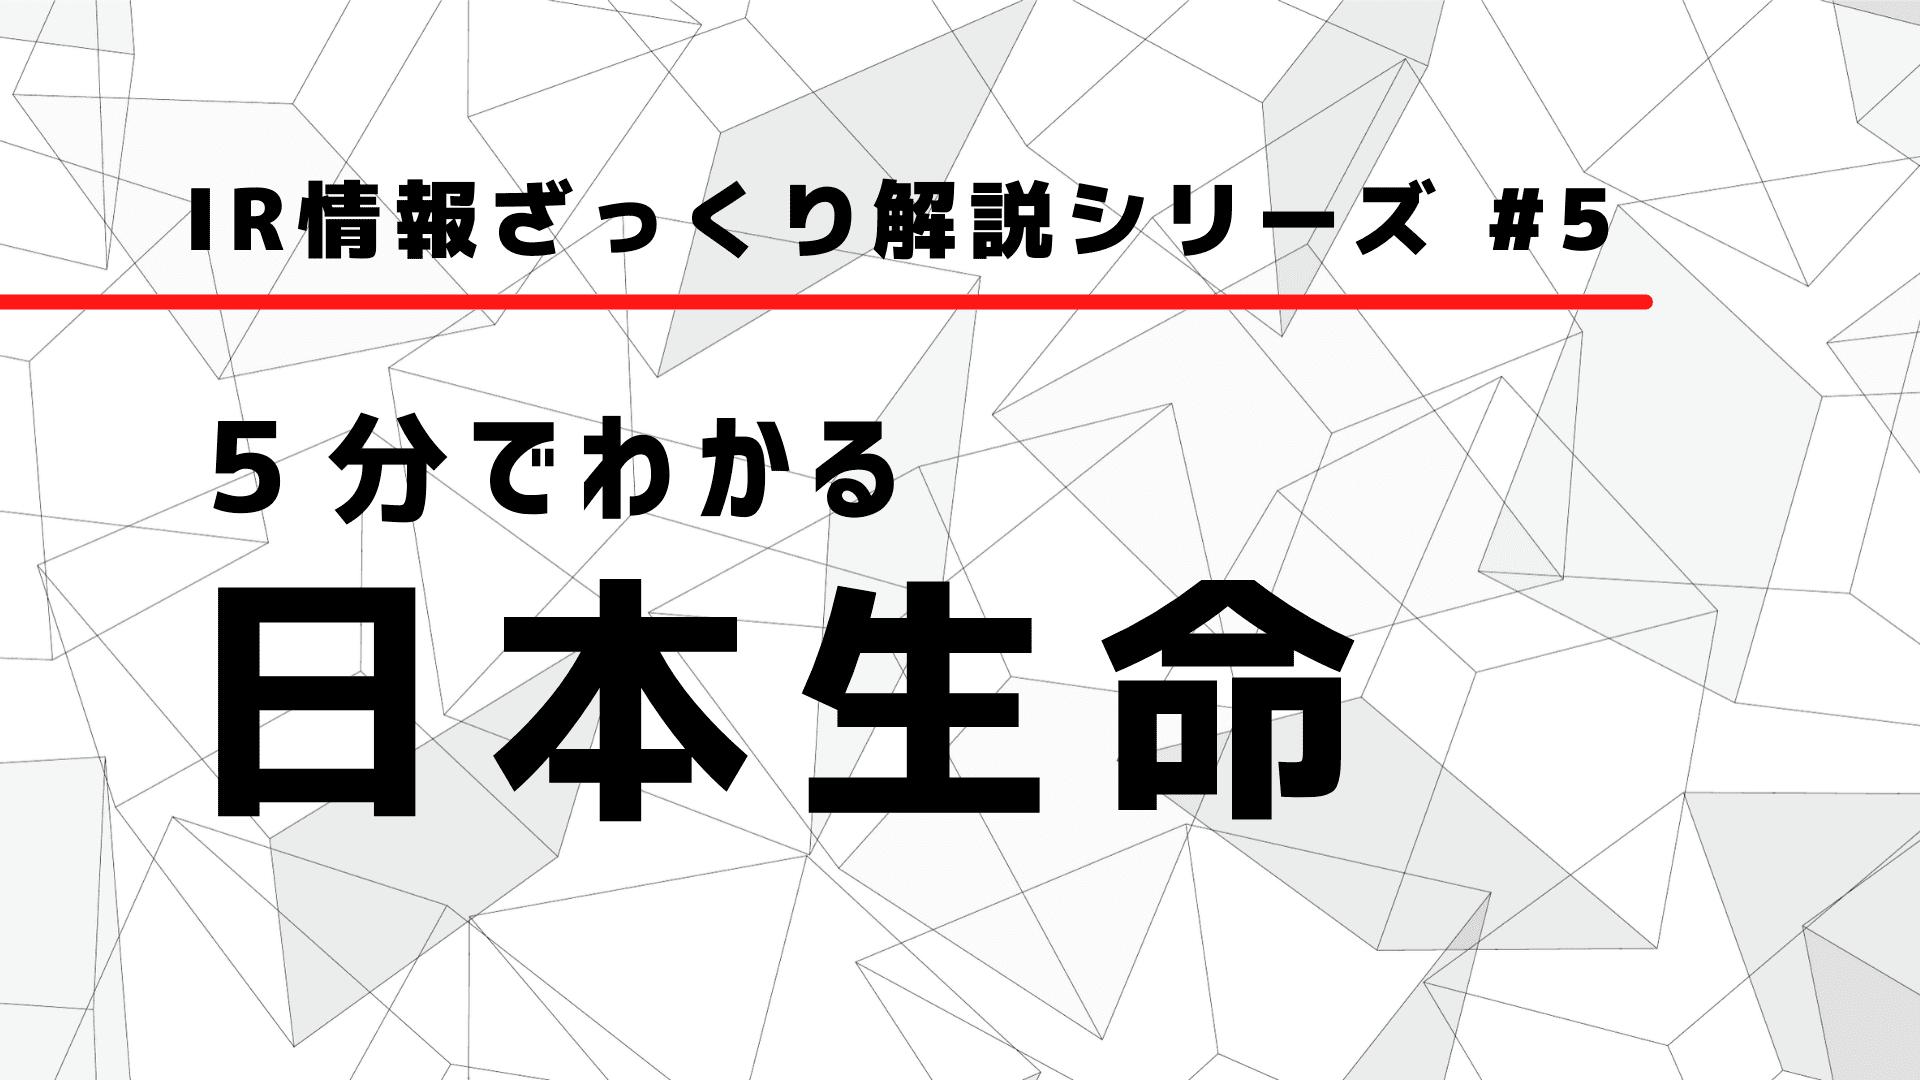 【企業研究】5分でわかる!IRから読み解く日本生命